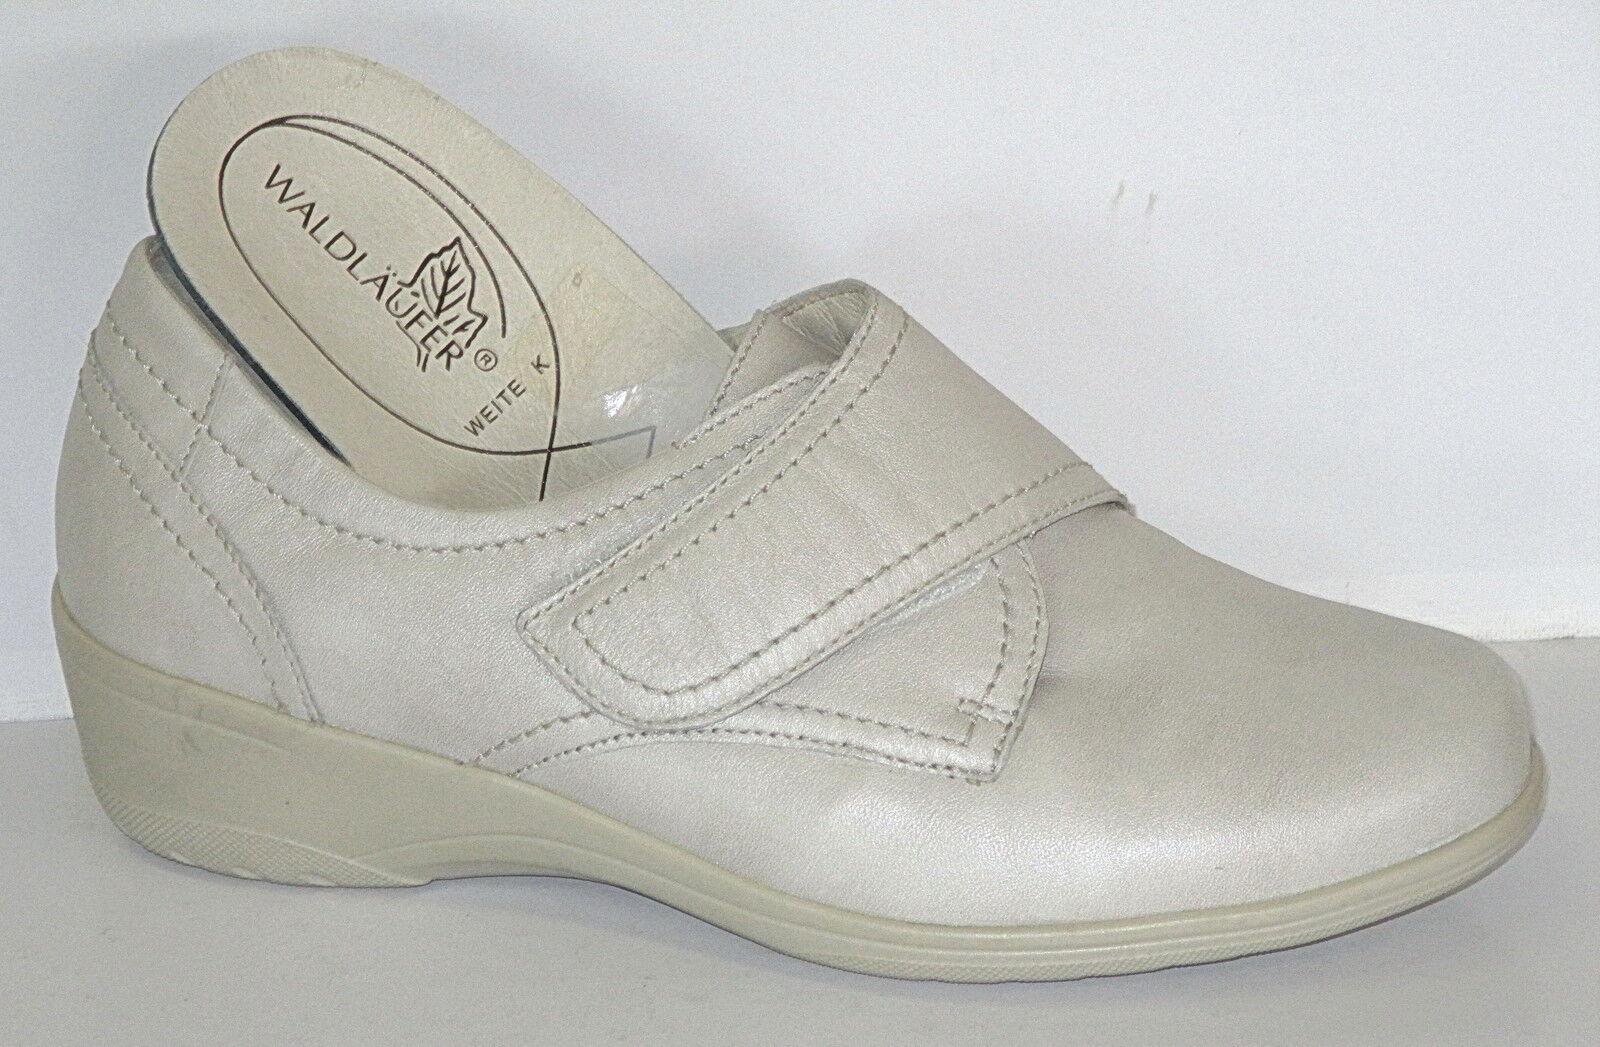 Bosque alfil Zapatos señora klettvers. klettvers. klettvers. amplia  K , talla 36 - 42, sobre toda nueva + +++  orden ahora con gran descuento y entrega gratuita